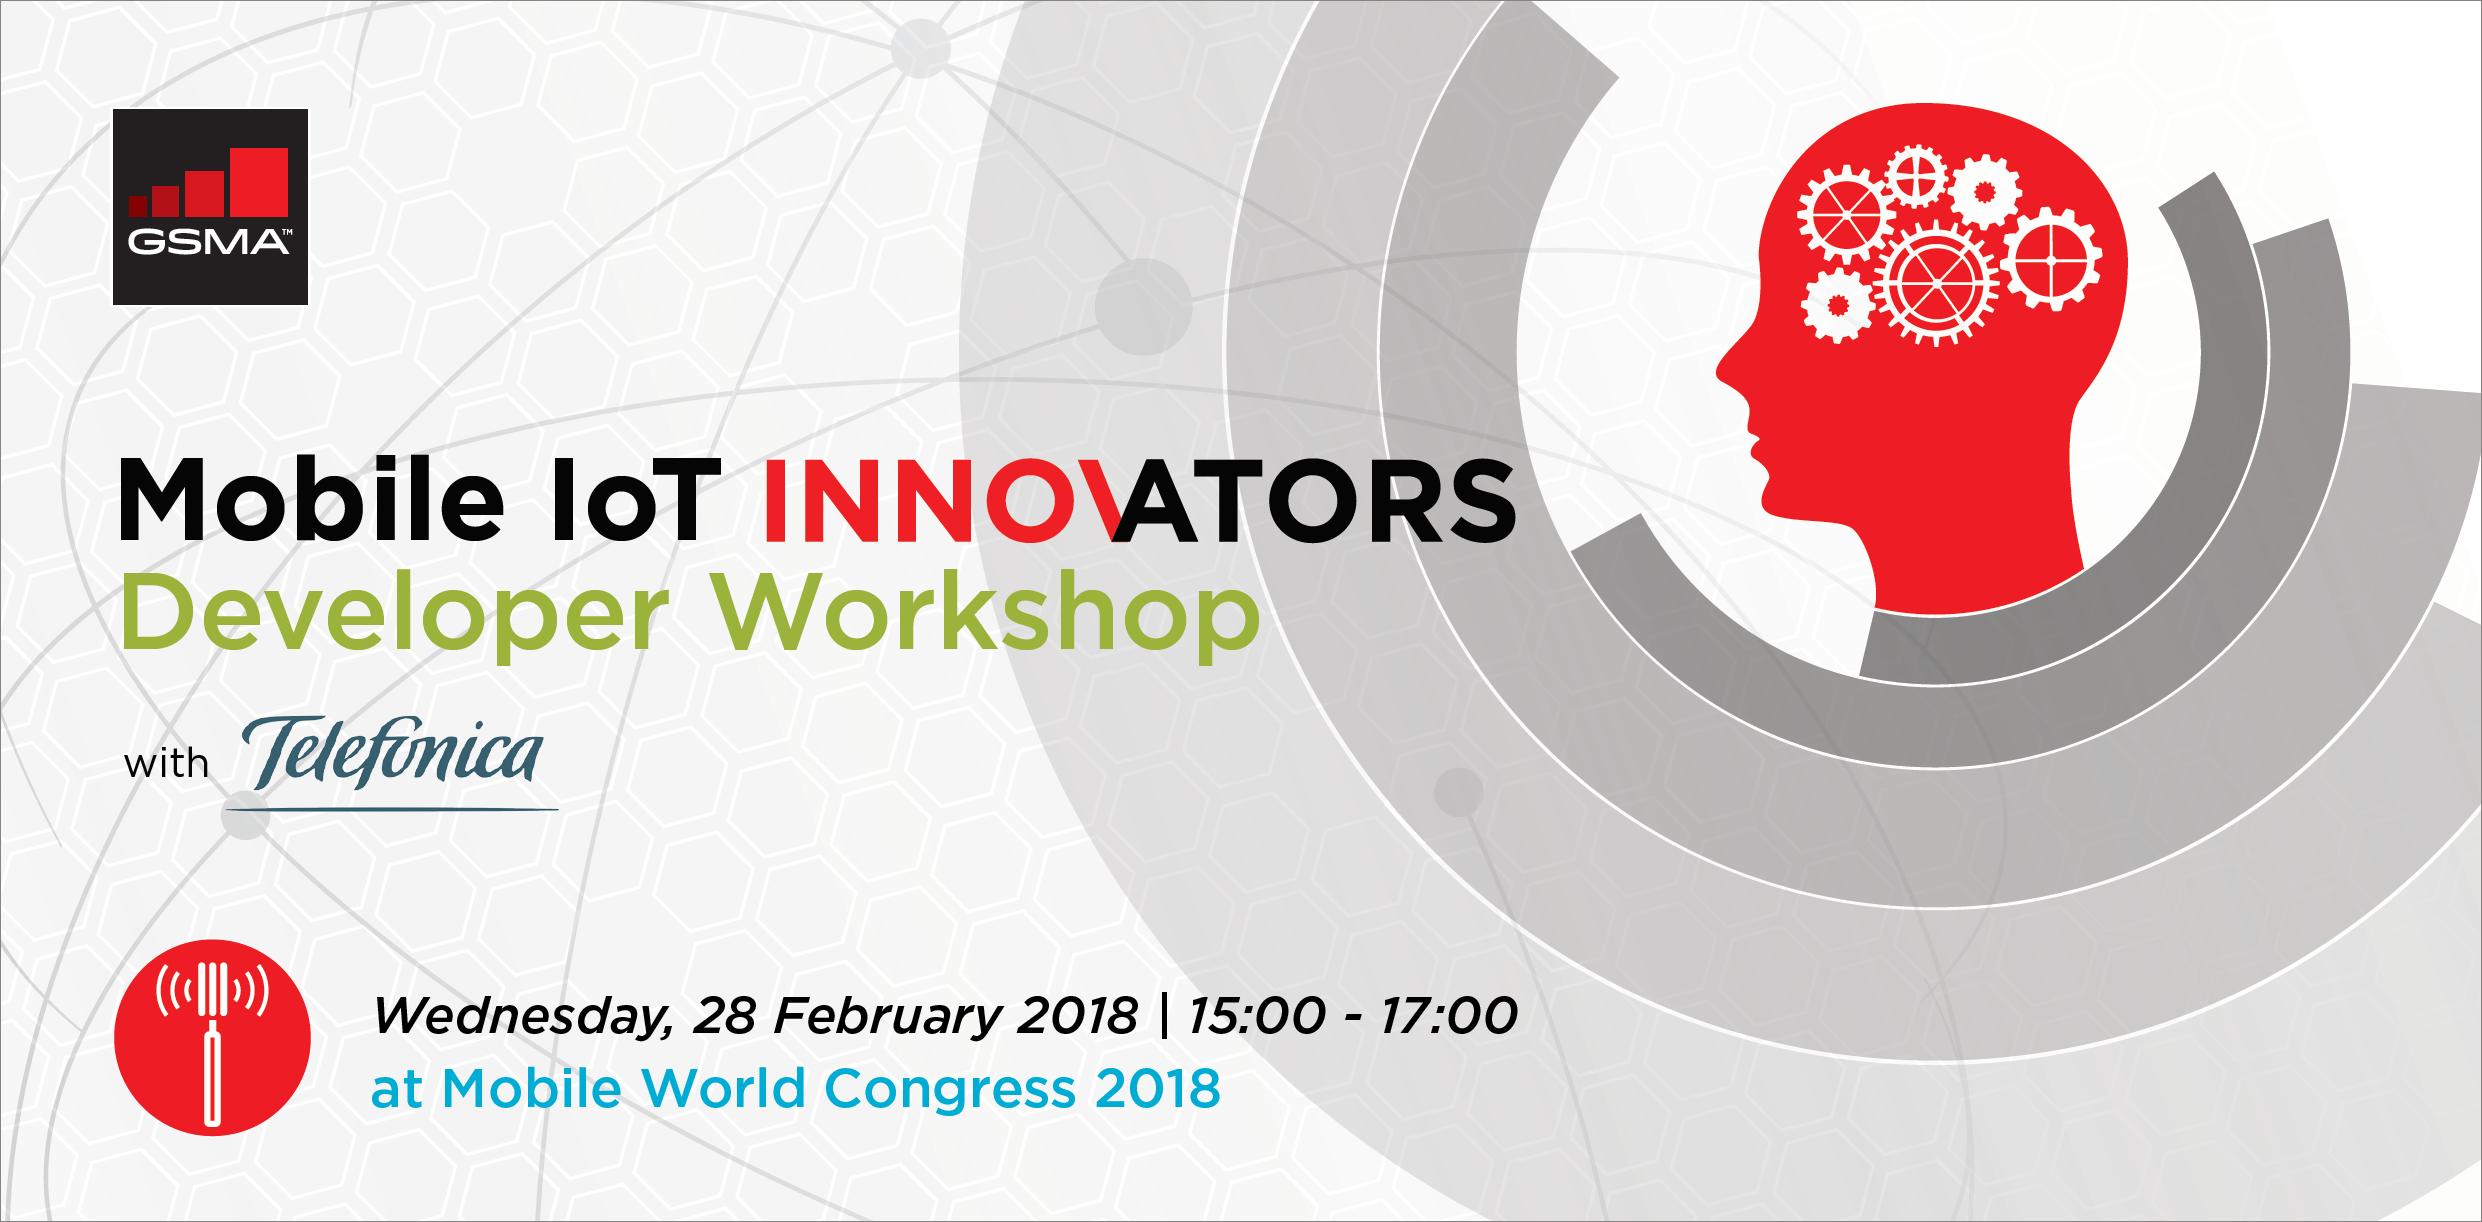 Mobile IoT Innovators Developer Workshop